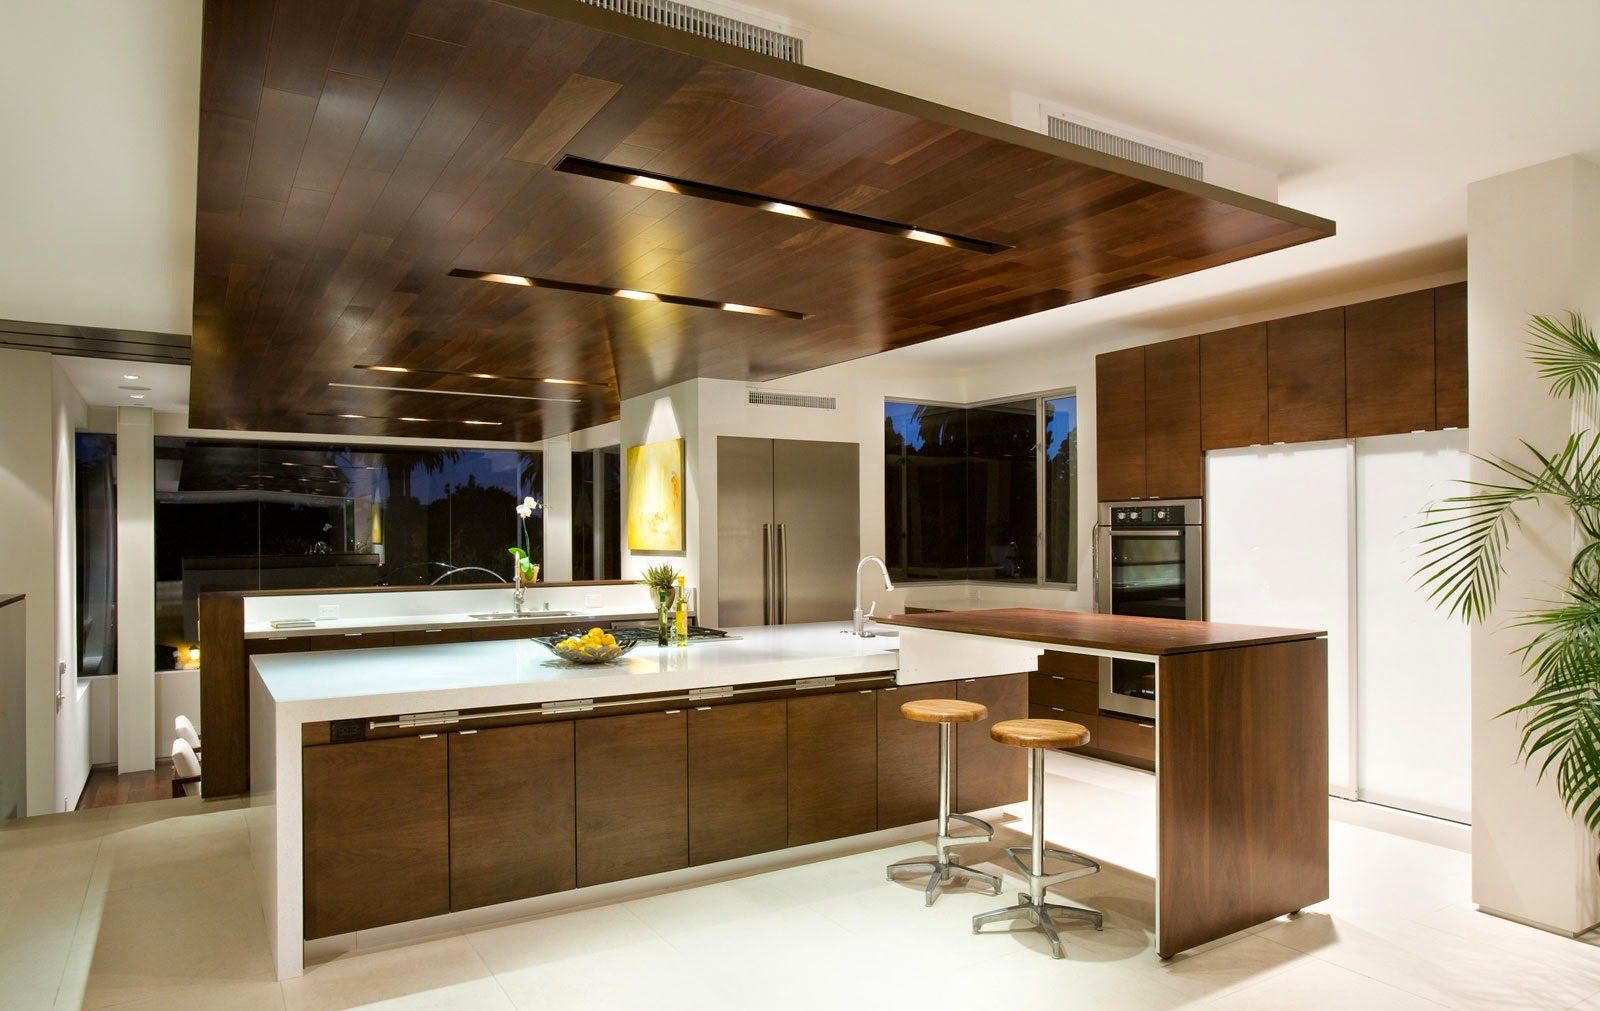 cuartos de cocina v v maderas y reformas